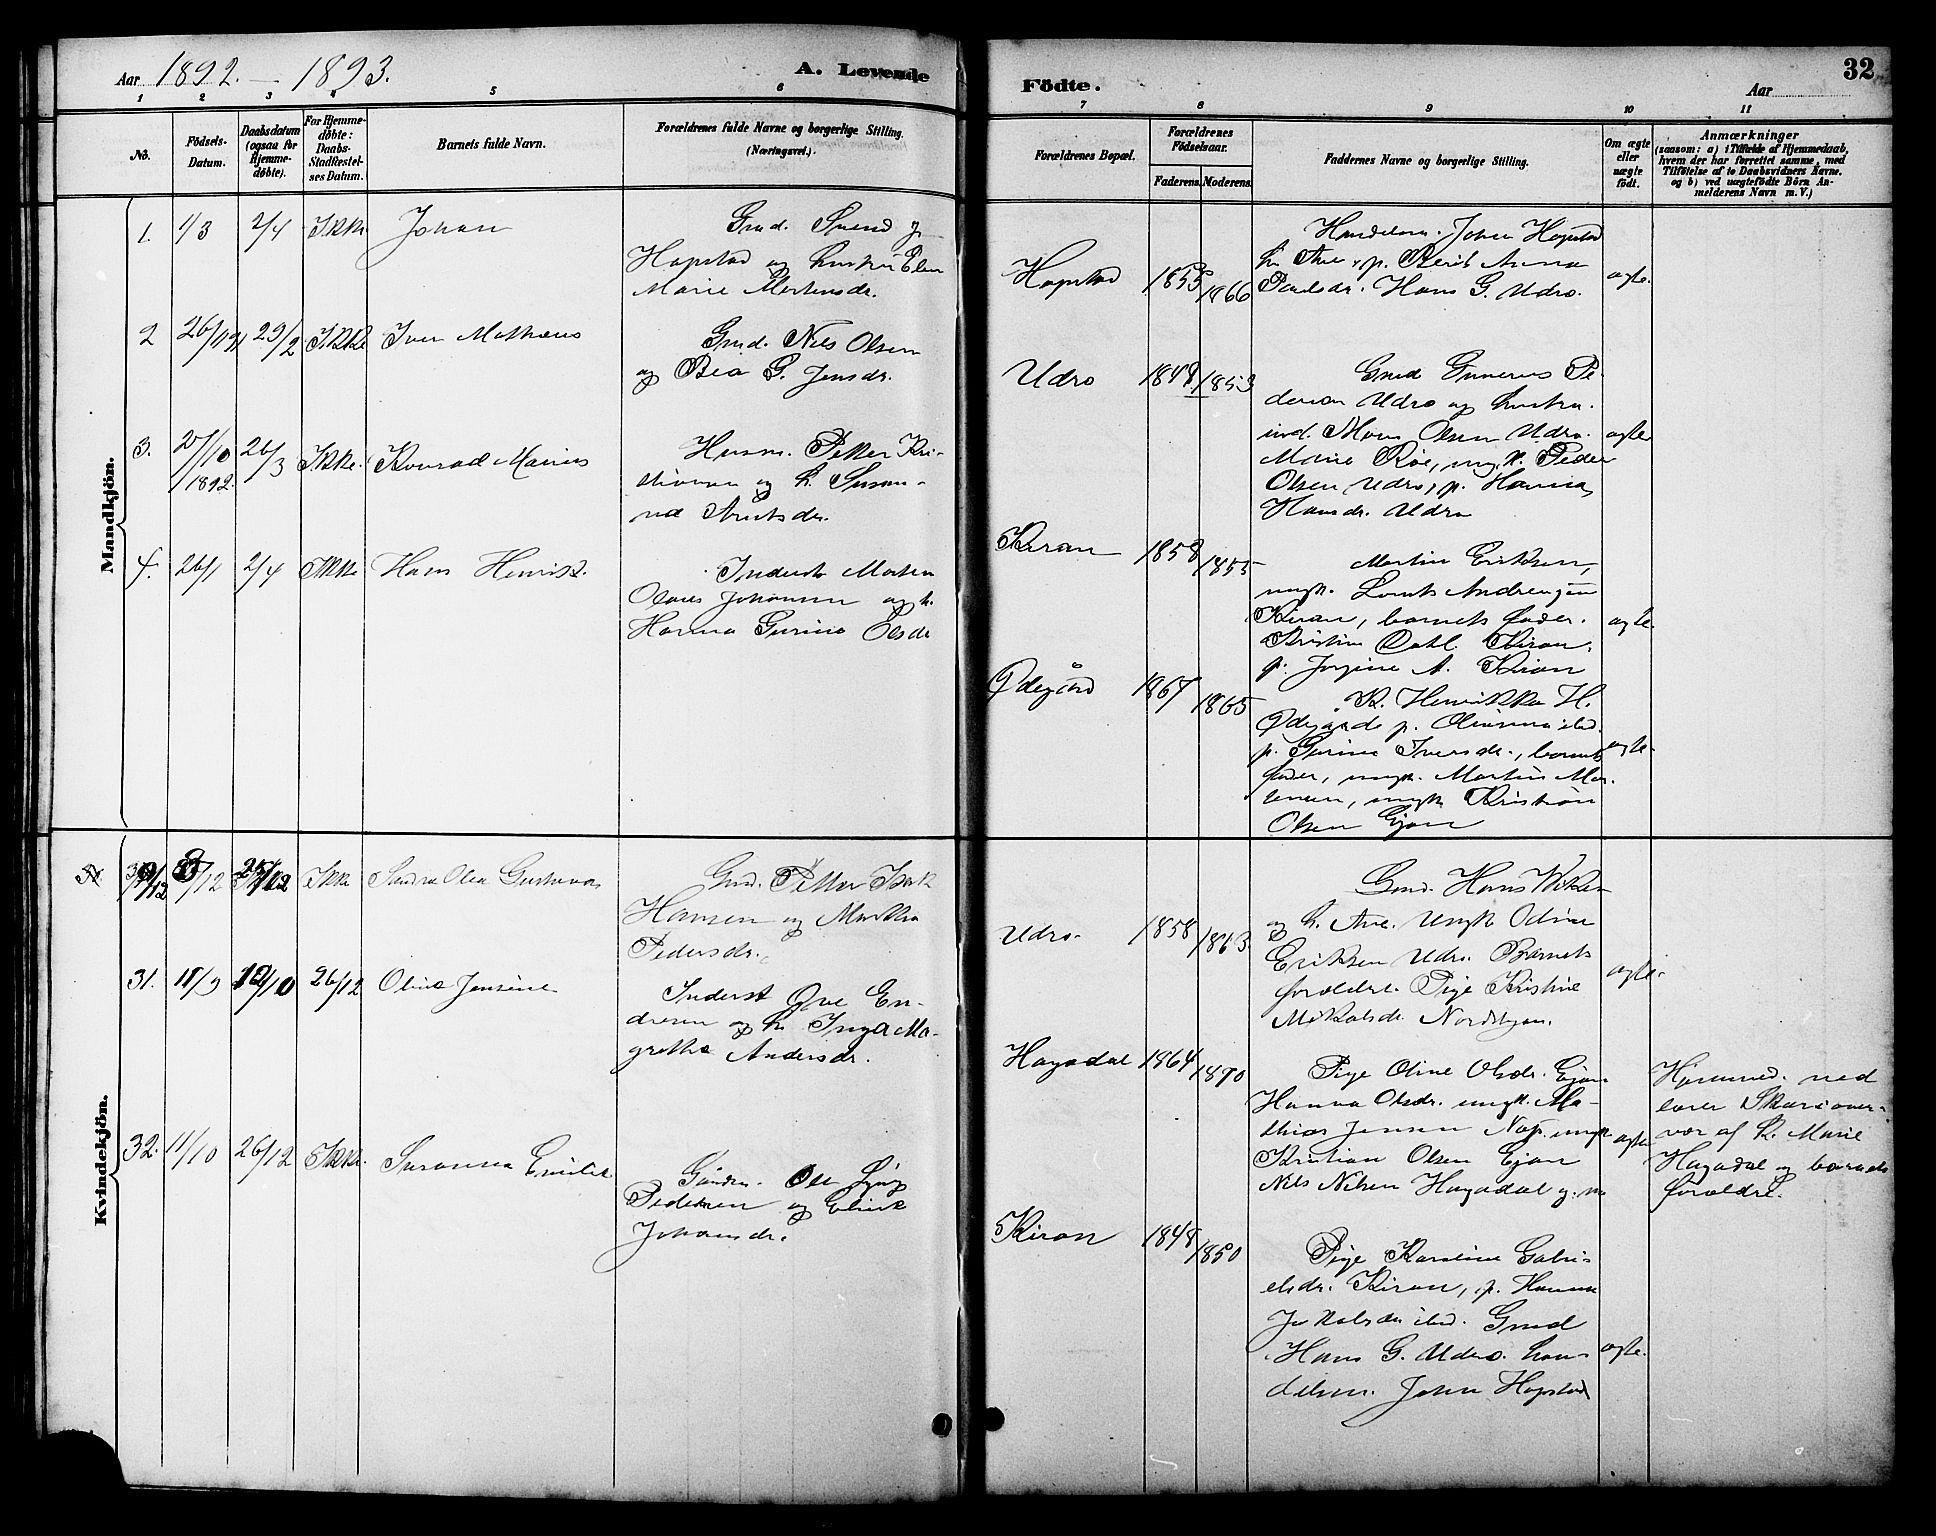 SAT, Ministerialprotokoller, klokkerbøker og fødselsregistre - Sør-Trøndelag, 657/L0716: Klokkerbok nr. 657C03, 1889-1904, s. 32